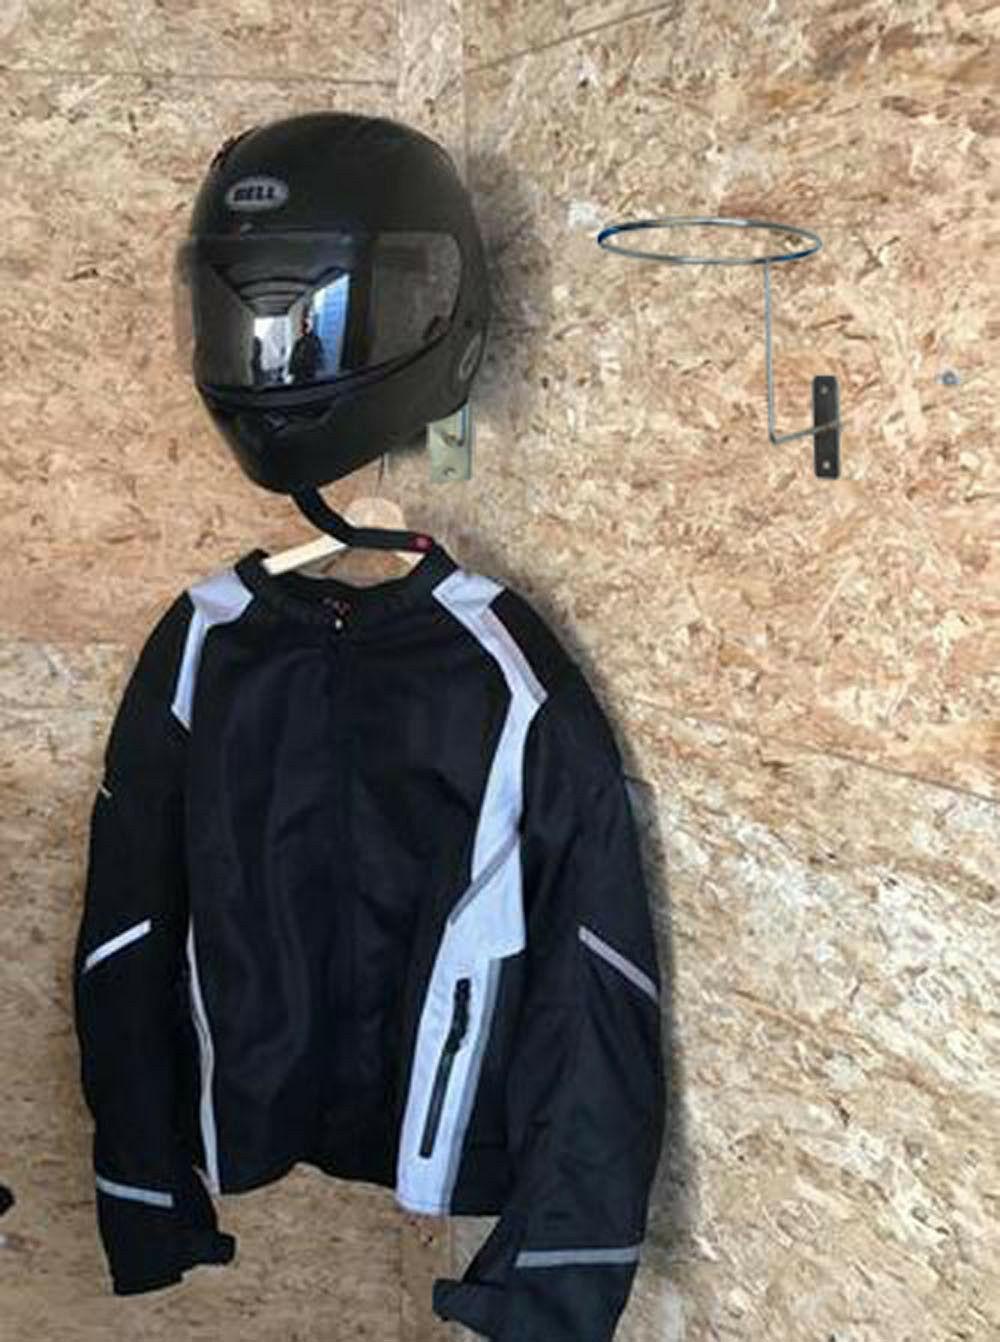 Iron Motorcycle Helmet Holder Hook Rack Storage Wall Mounted Display Hanger PGS